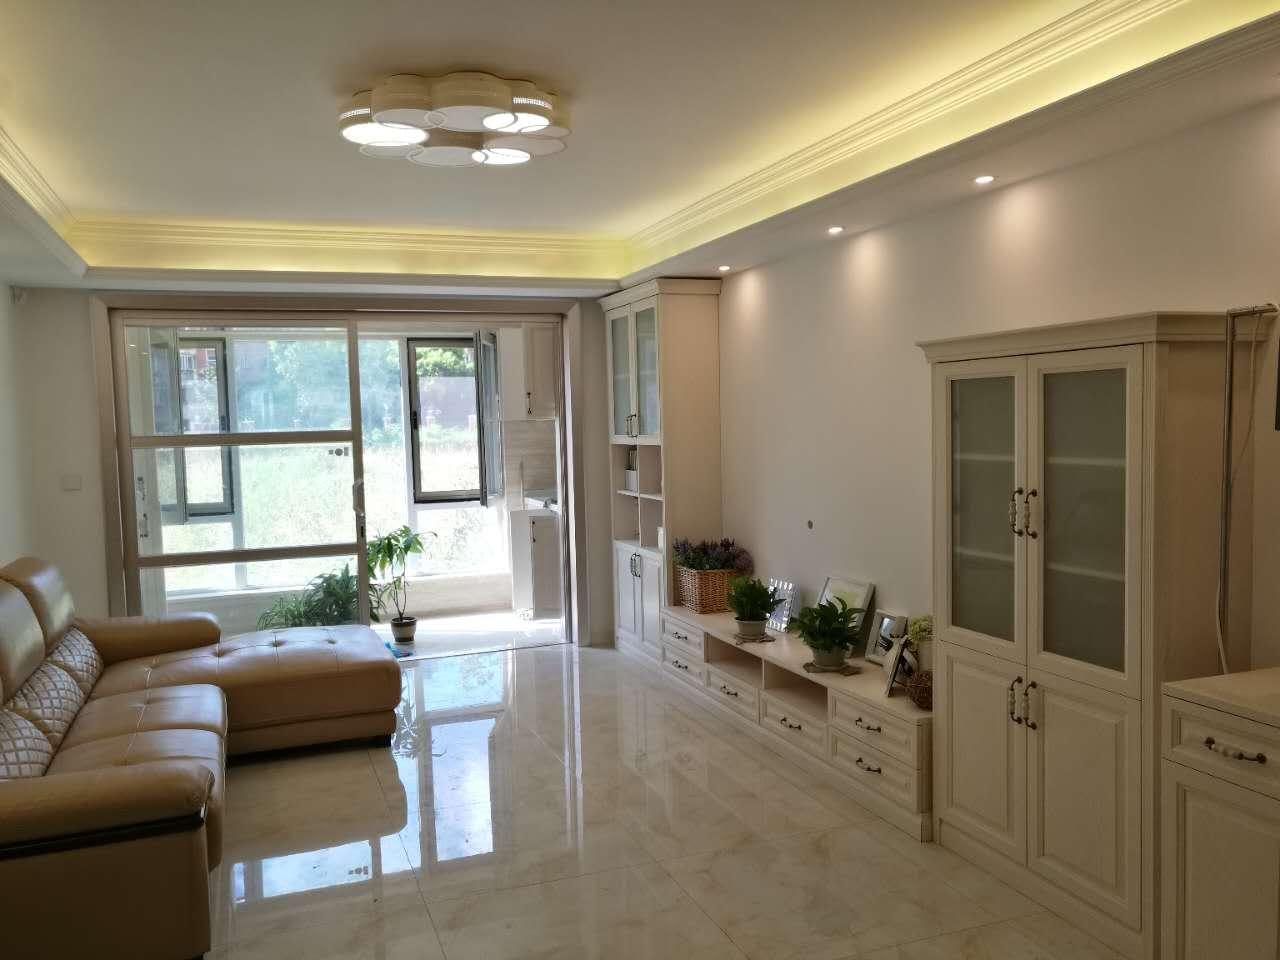 客厅空间很大,除电视柜外,业主还添置了各式各样的储物柜,增加了客厅的收纳功能。